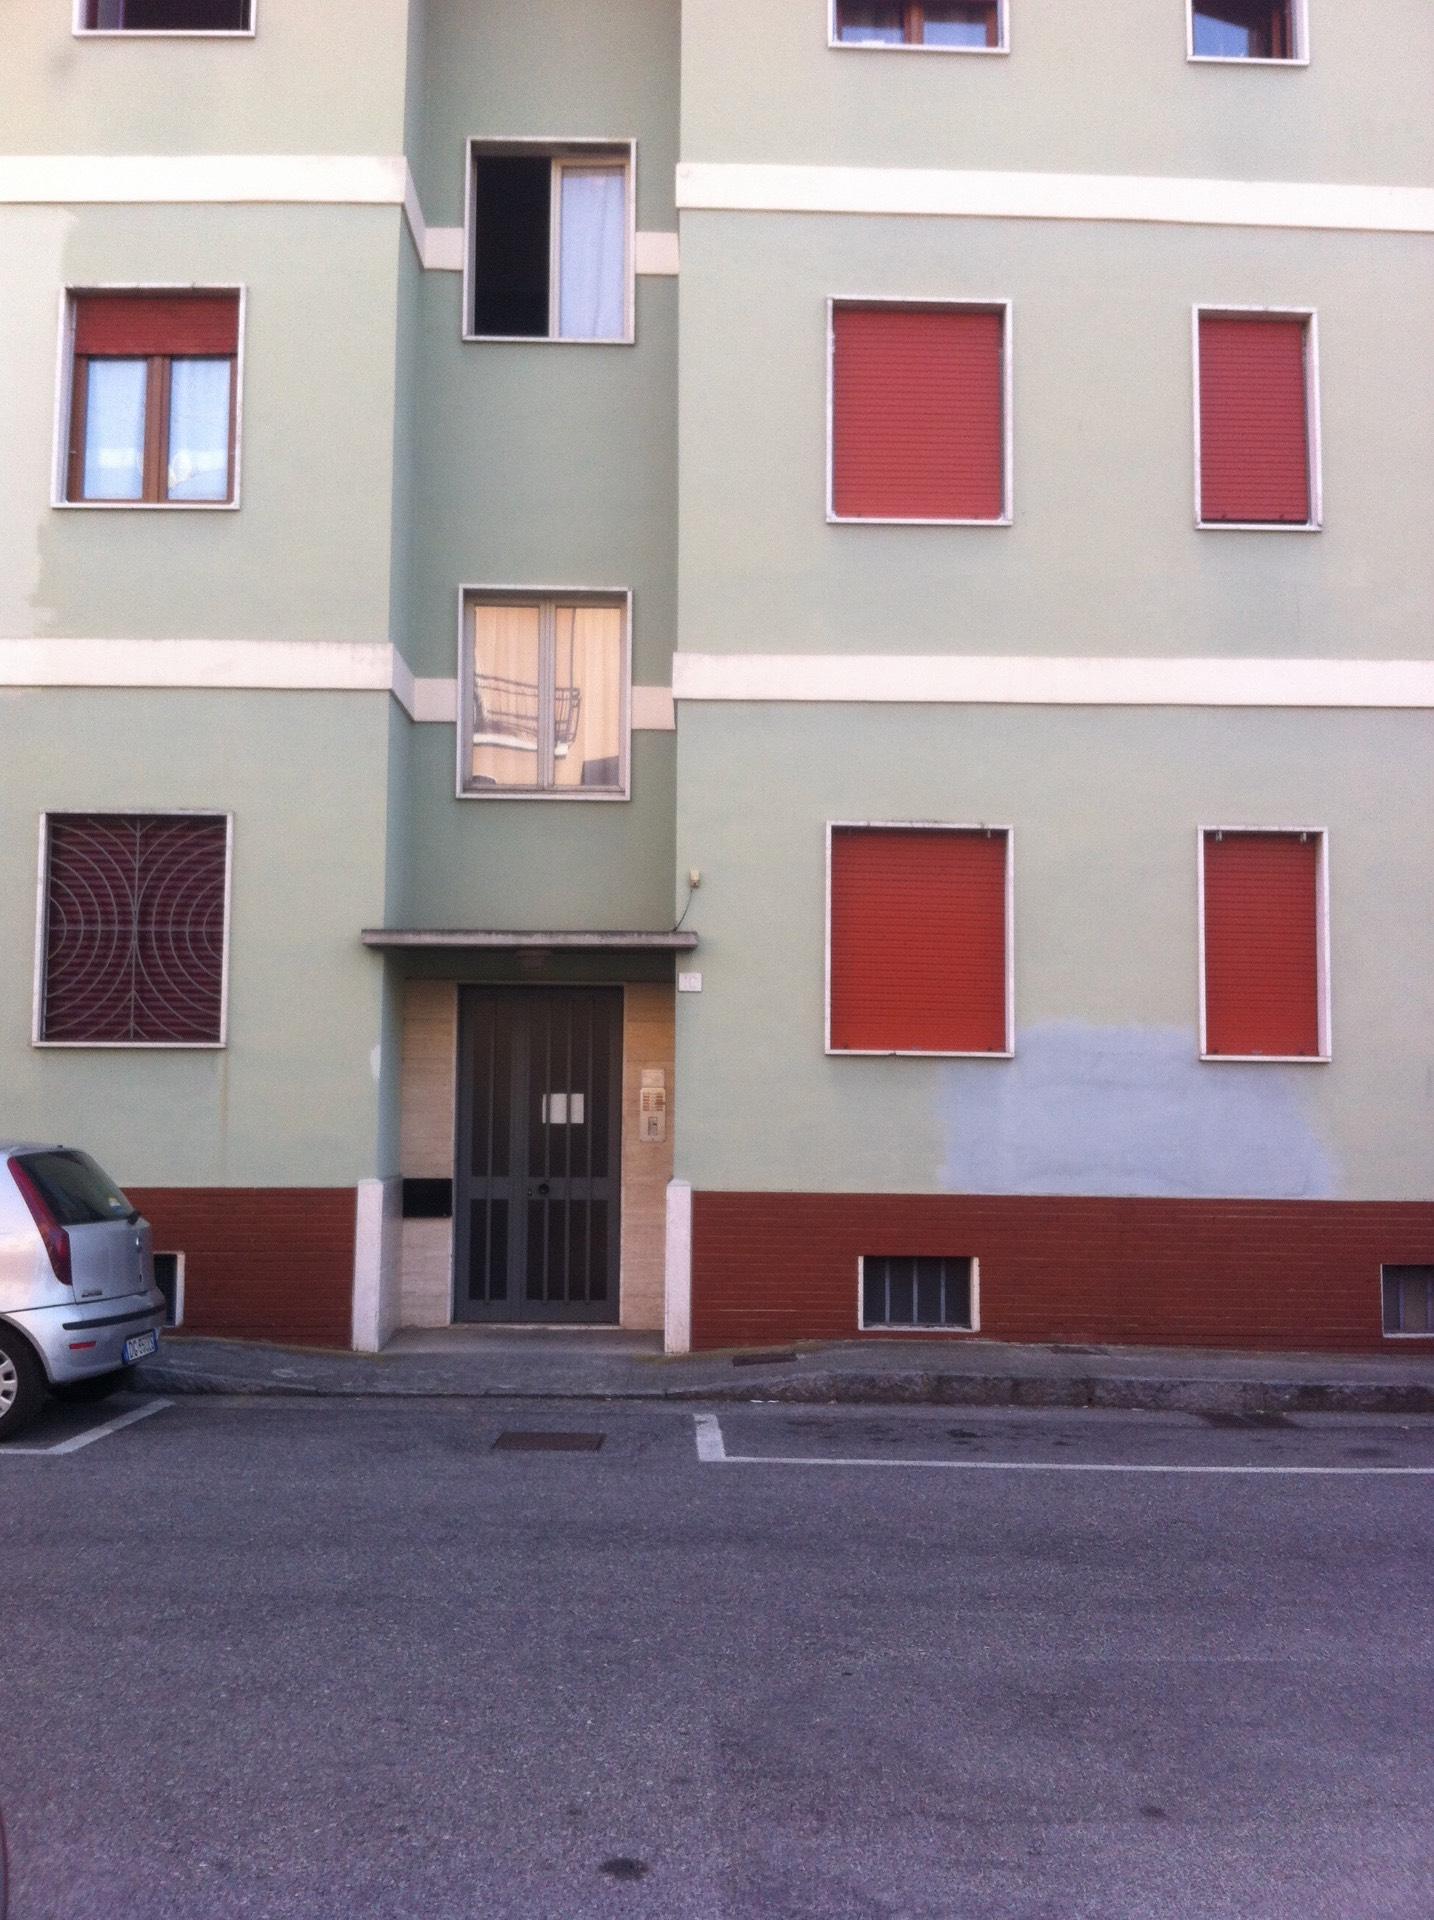 Appartamento in affitto a Brescia, 3 locali, zona Località: 2-BRESCIANORD,MOMPIANO,VILLAGGIOPREALPINO,SANROCCHINO,BORGOTRENTO,SANBARTOLOMEO,SANTEUSTACHIO,CASAZZA, prezzo € 500   Cambio Casa.it